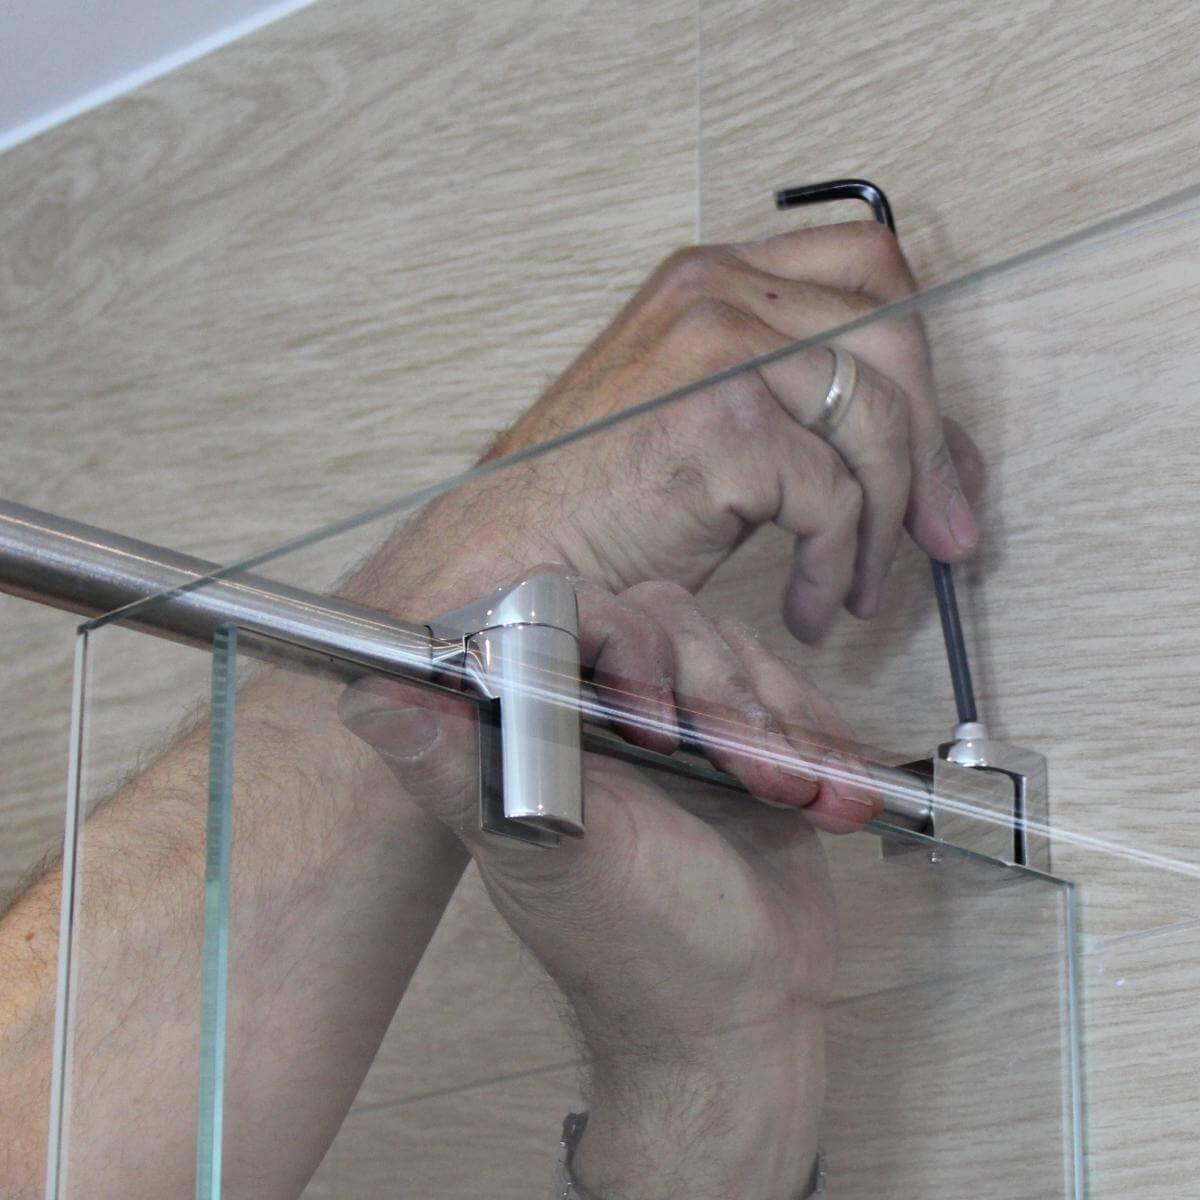 Wandmuffe der Stabistange wird passend eingestellt und fixiert